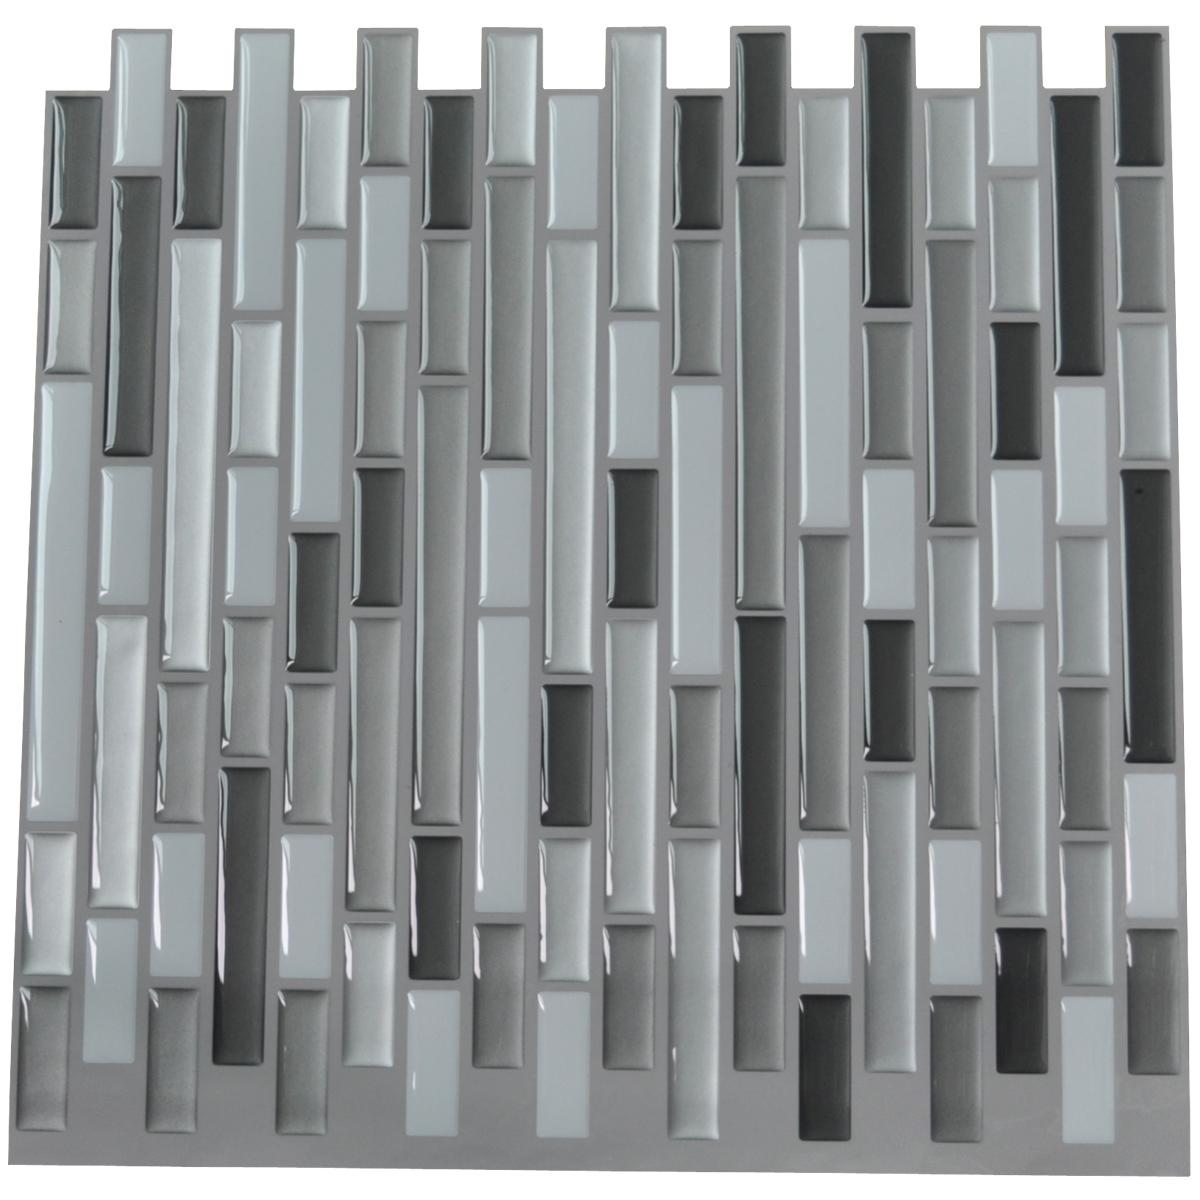 Art3d Peel And Stick Tile Vinyl Backsplash Grey White 6